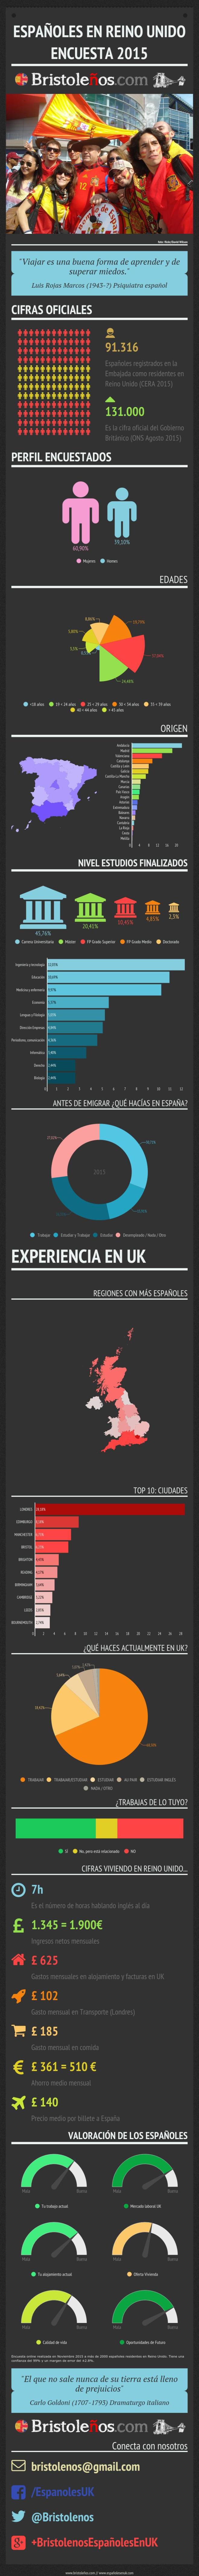 Españoles en el Reino Unido